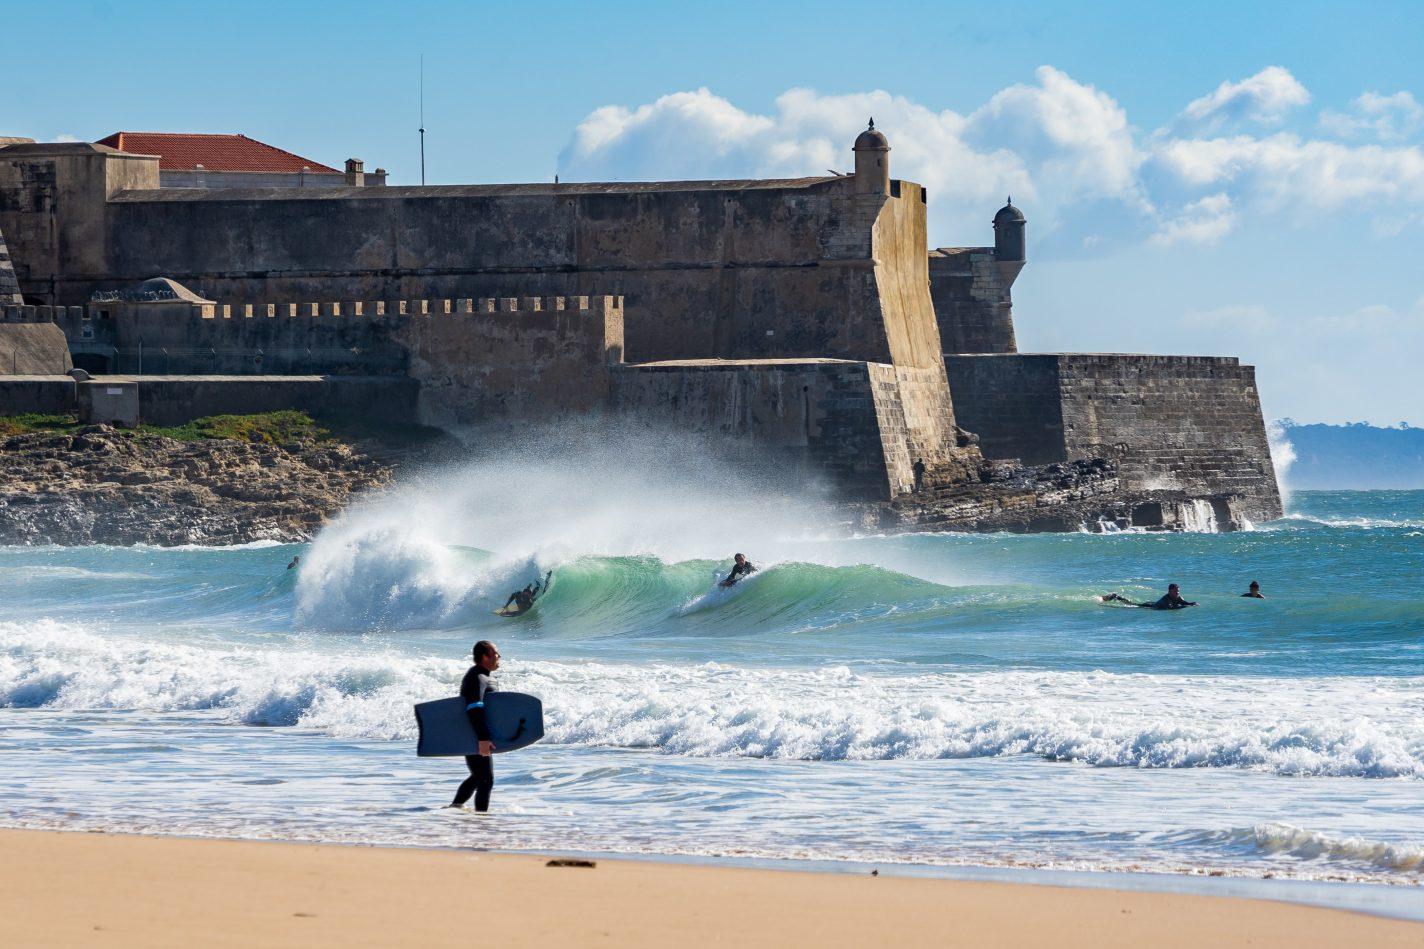 Trotseer de golfen van Carcavelos vanaf een surfplank - Omgeving van Lissabon